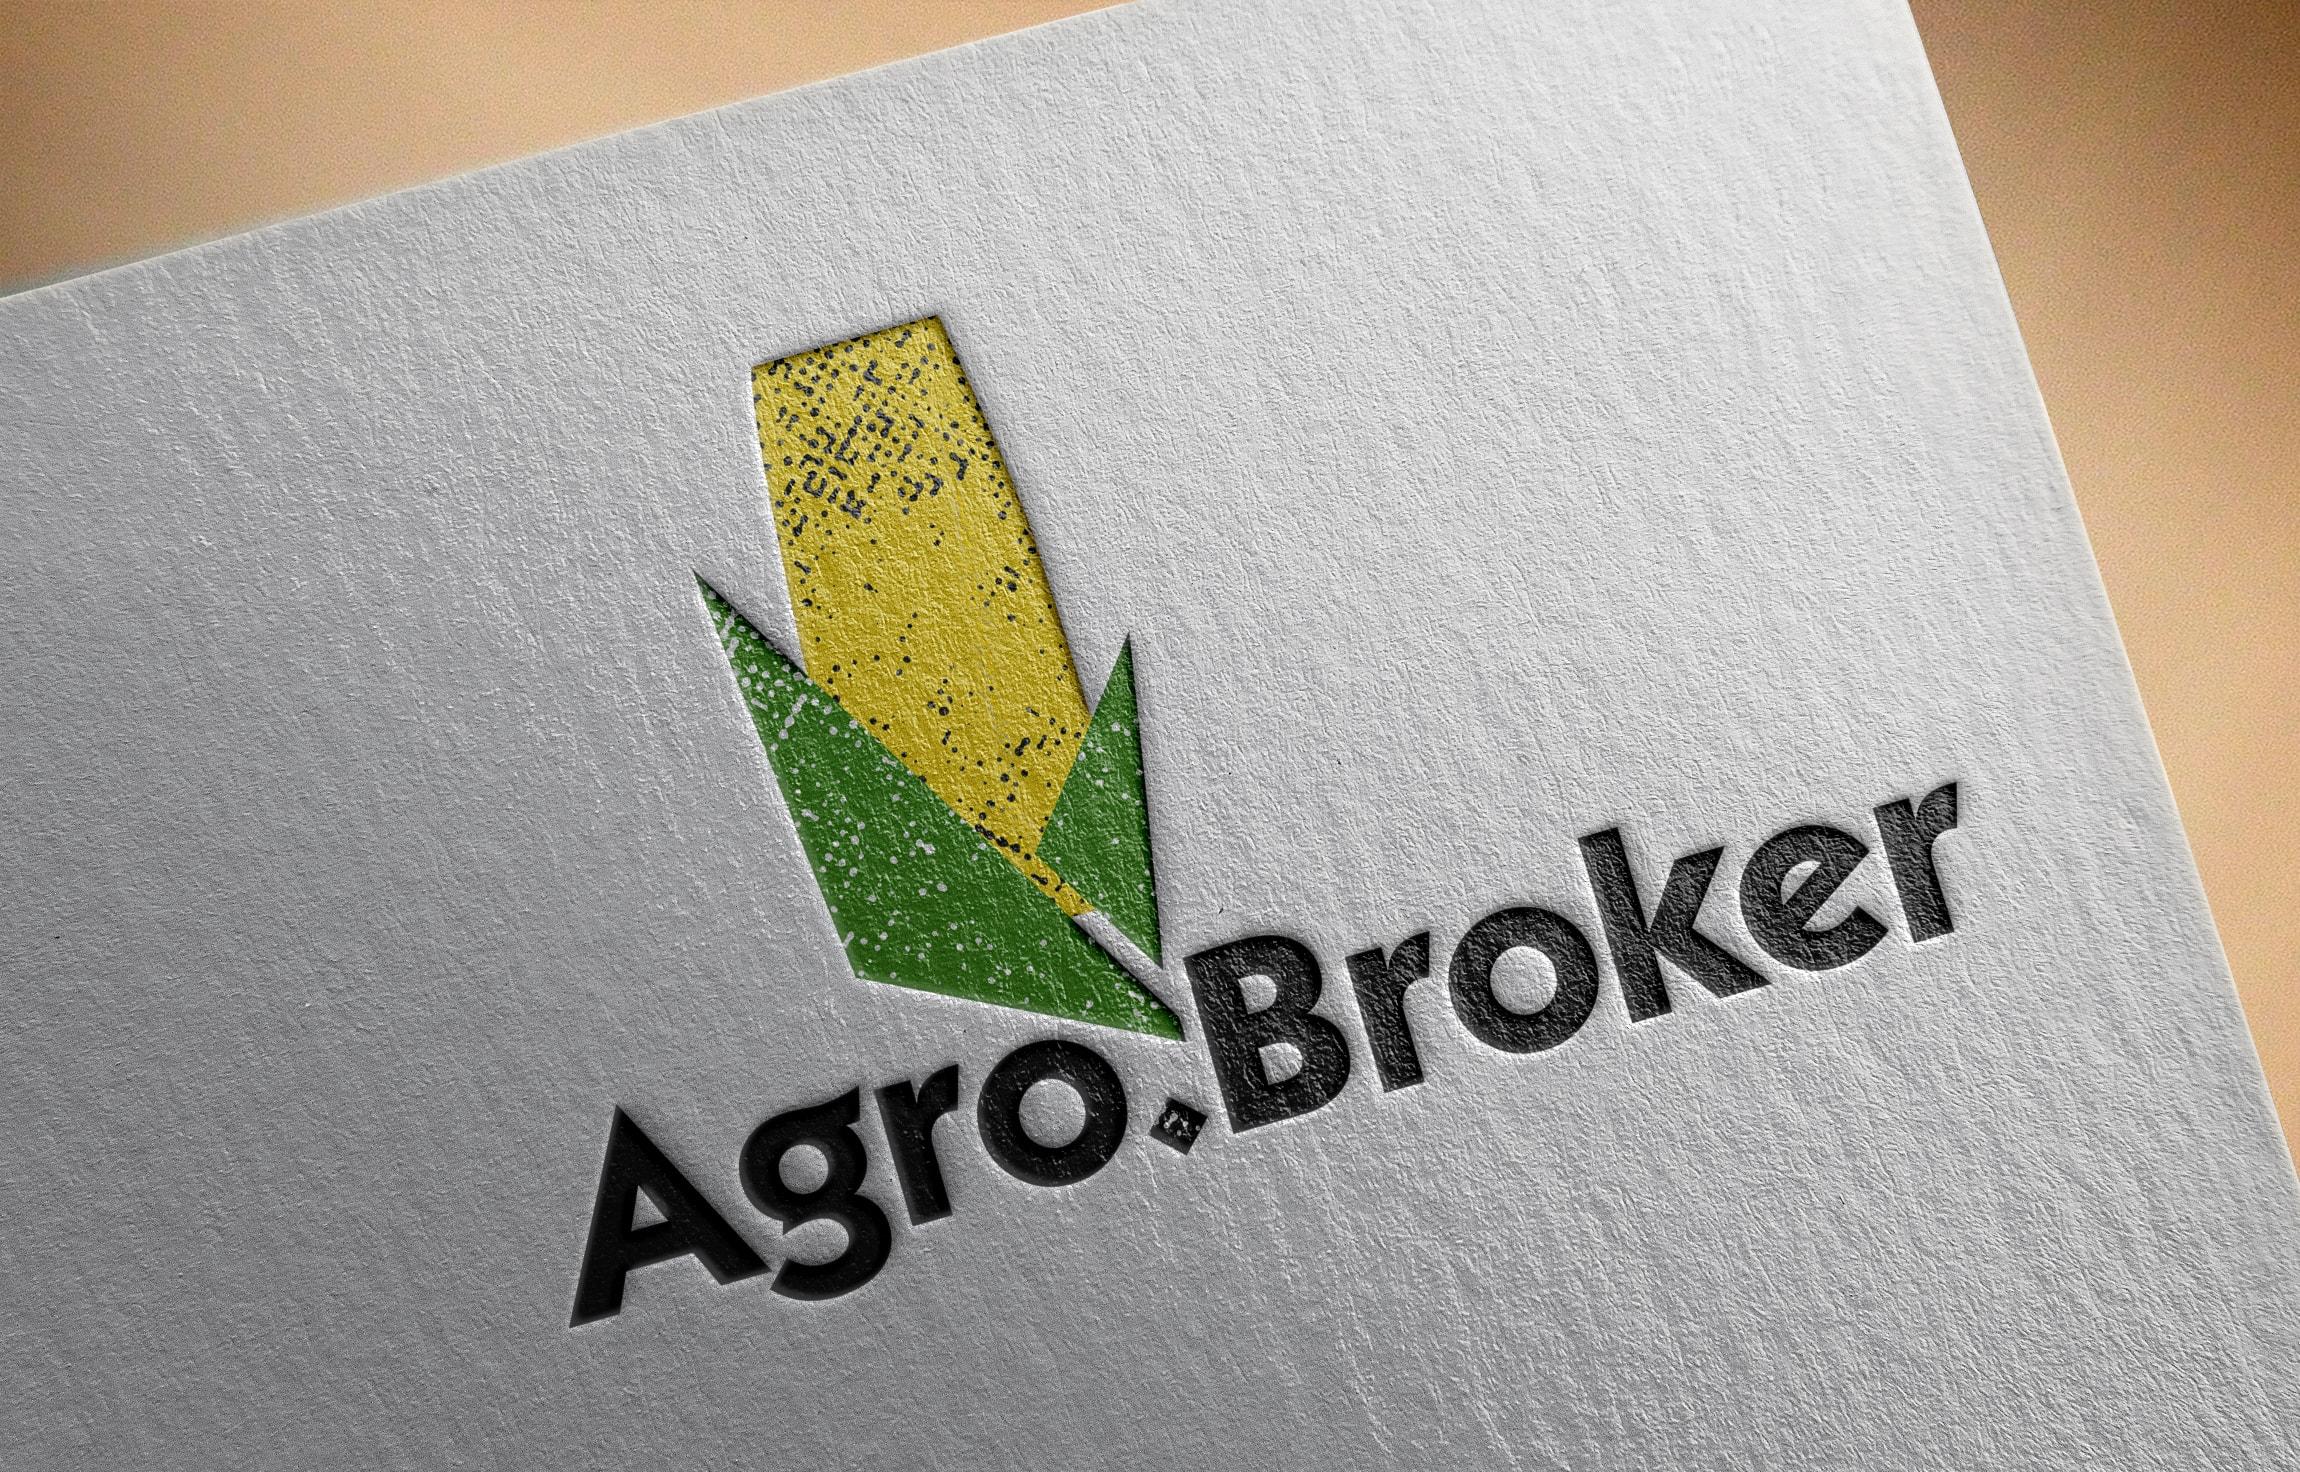 ТЗ на разработку пакета айдентики Agro.Broker фото f_8775971def25bef0.jpg